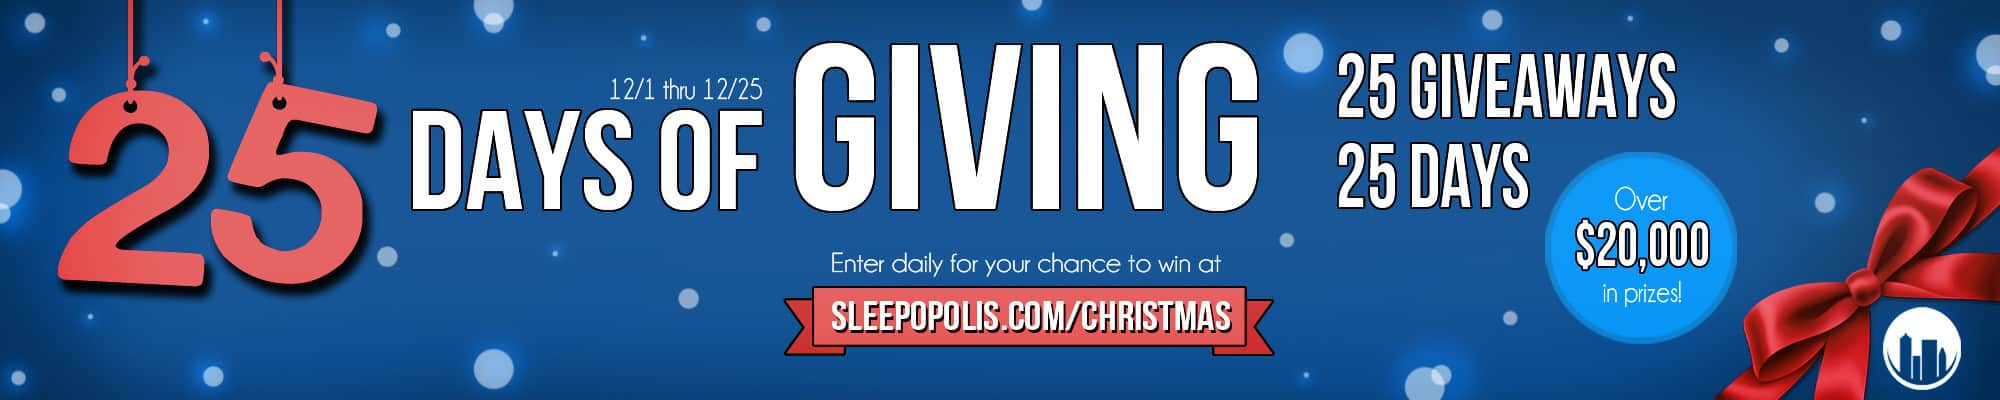 Sleepopolis Christmas Giveaway Spectacular